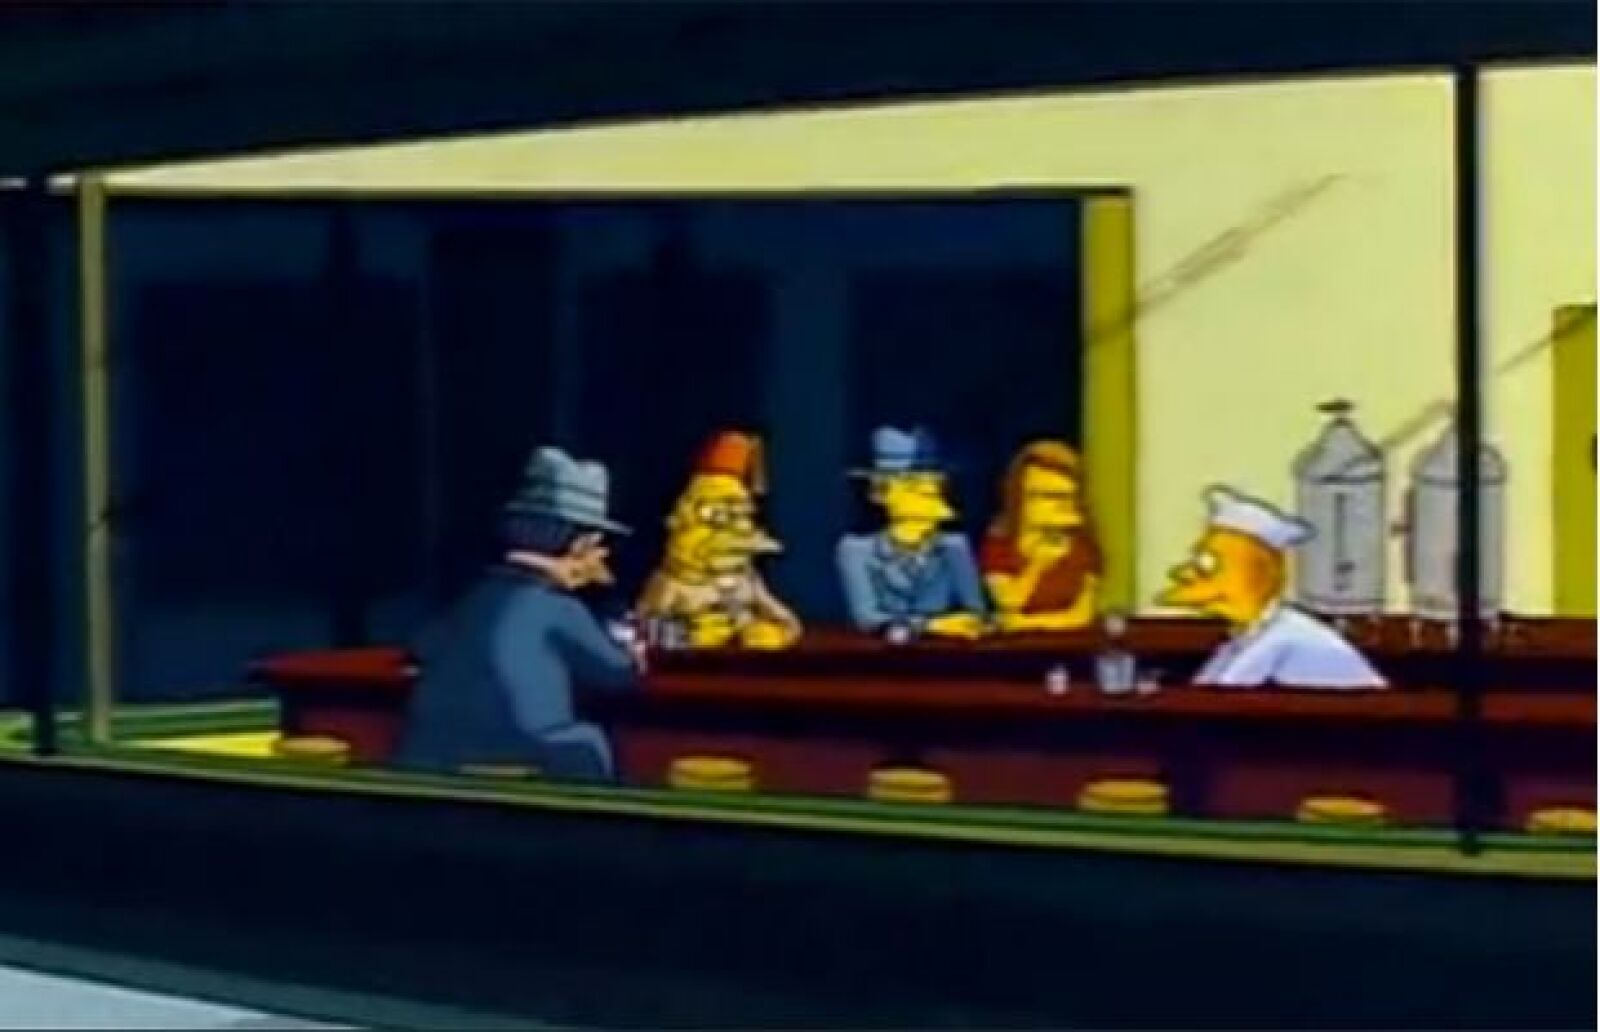 10 obras de arte parodiadas en Los Simpsons